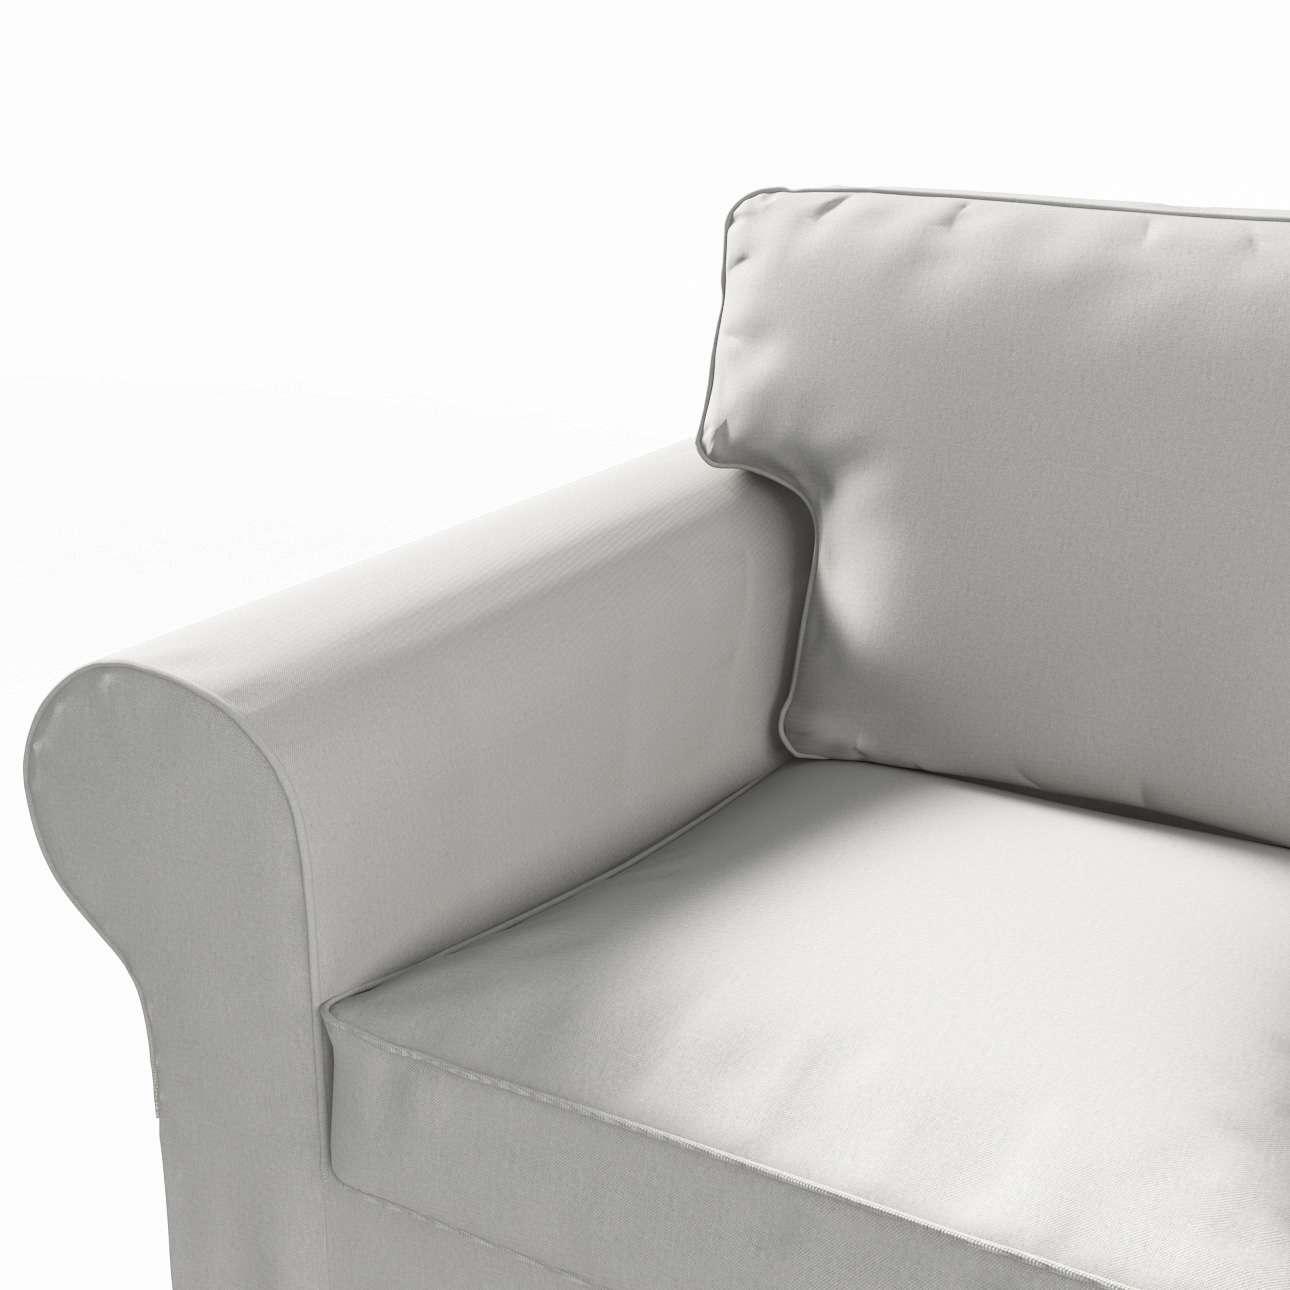 Ektorp trivietės sofos užvalkalas Ektorp trivietės sofos užvalkalas kolekcijoje Etna , audinys: 705-90